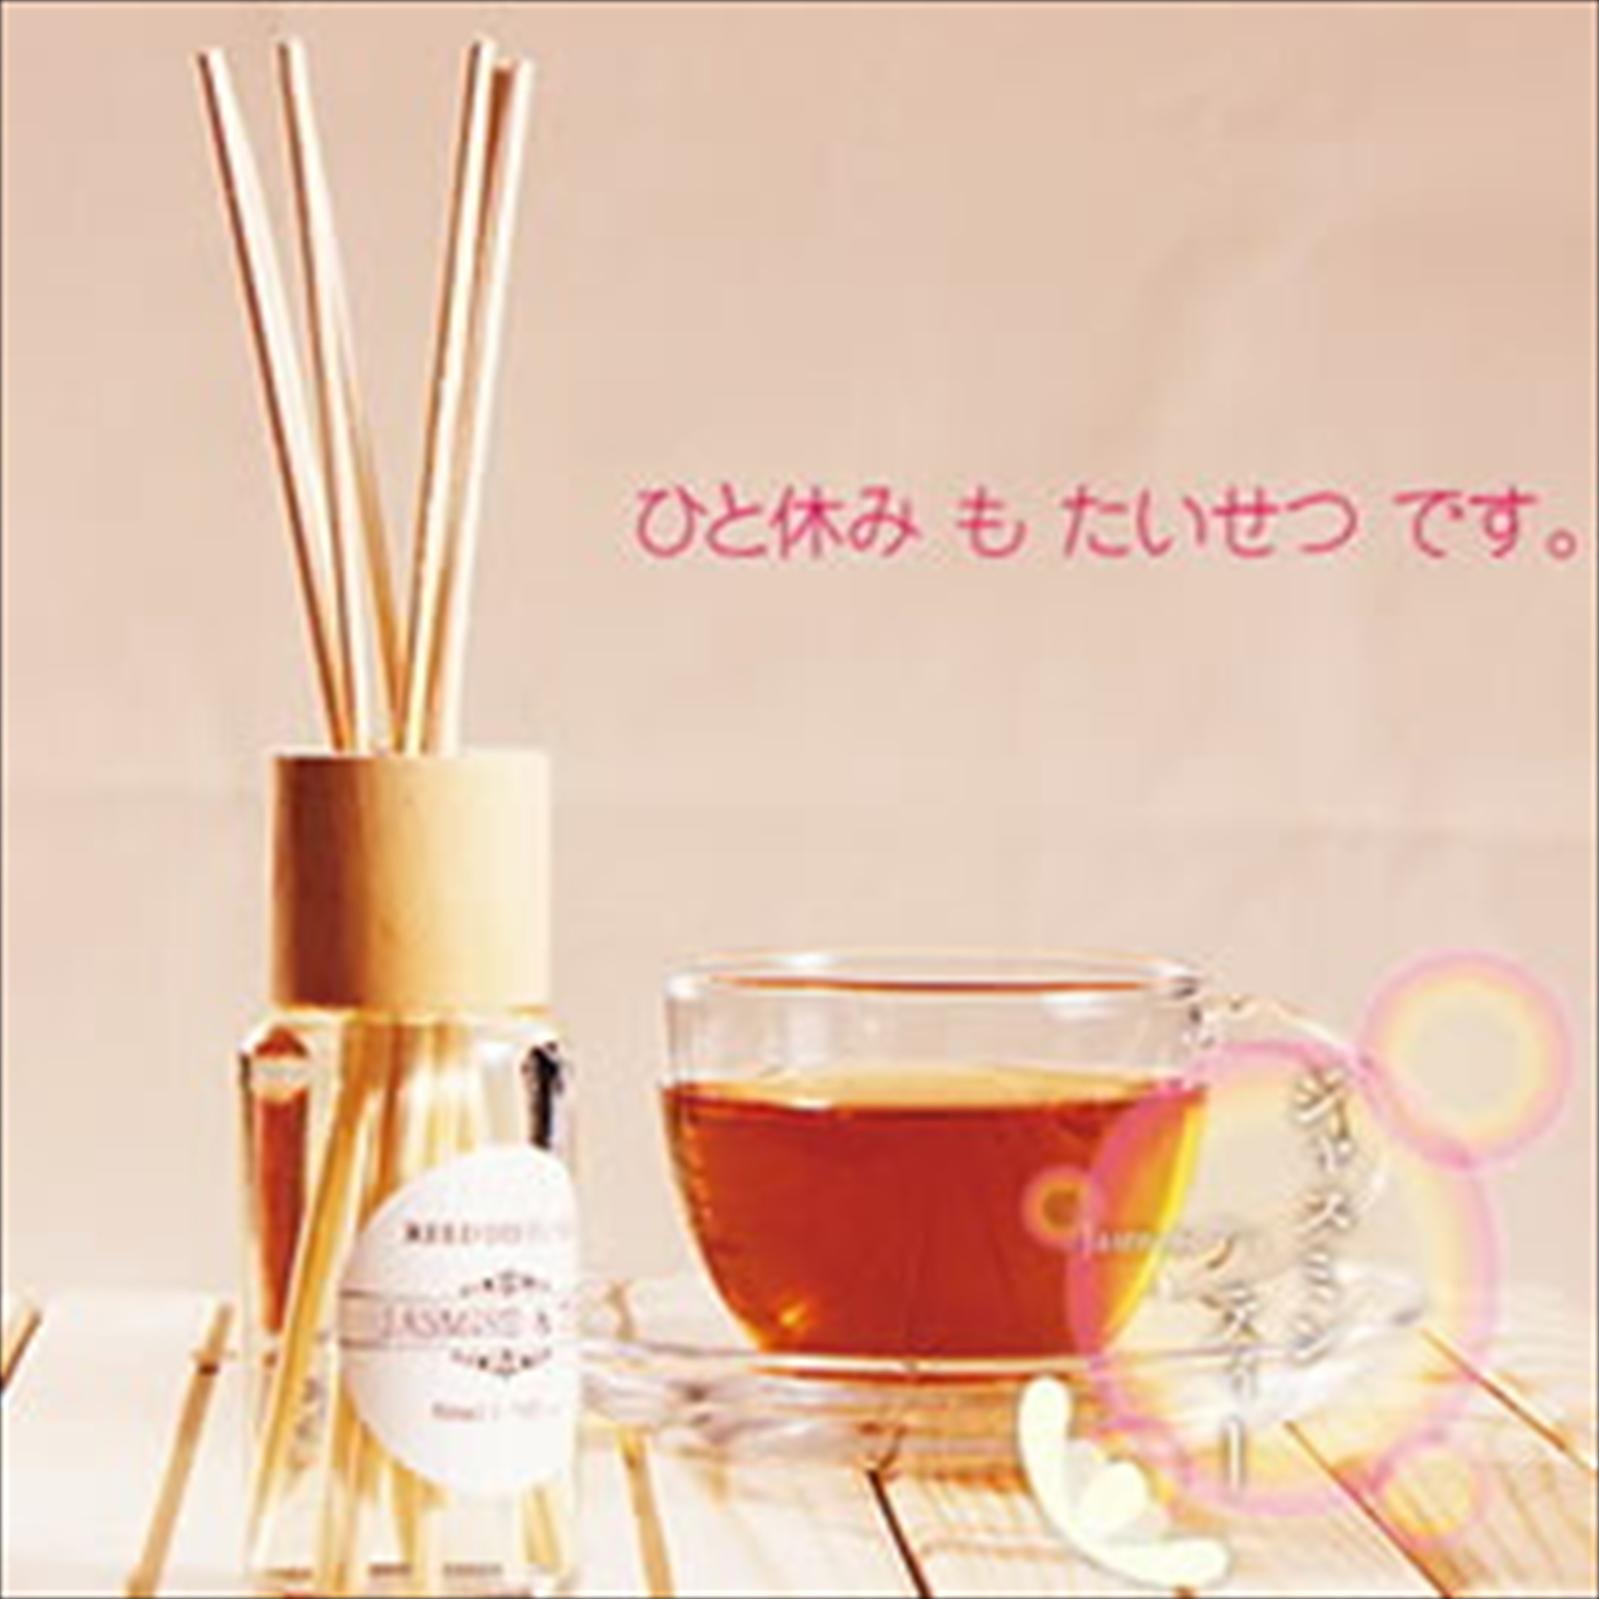 【送料無料】ジャスミンティー30包入り!ジャスミン茶/さんぴん茶